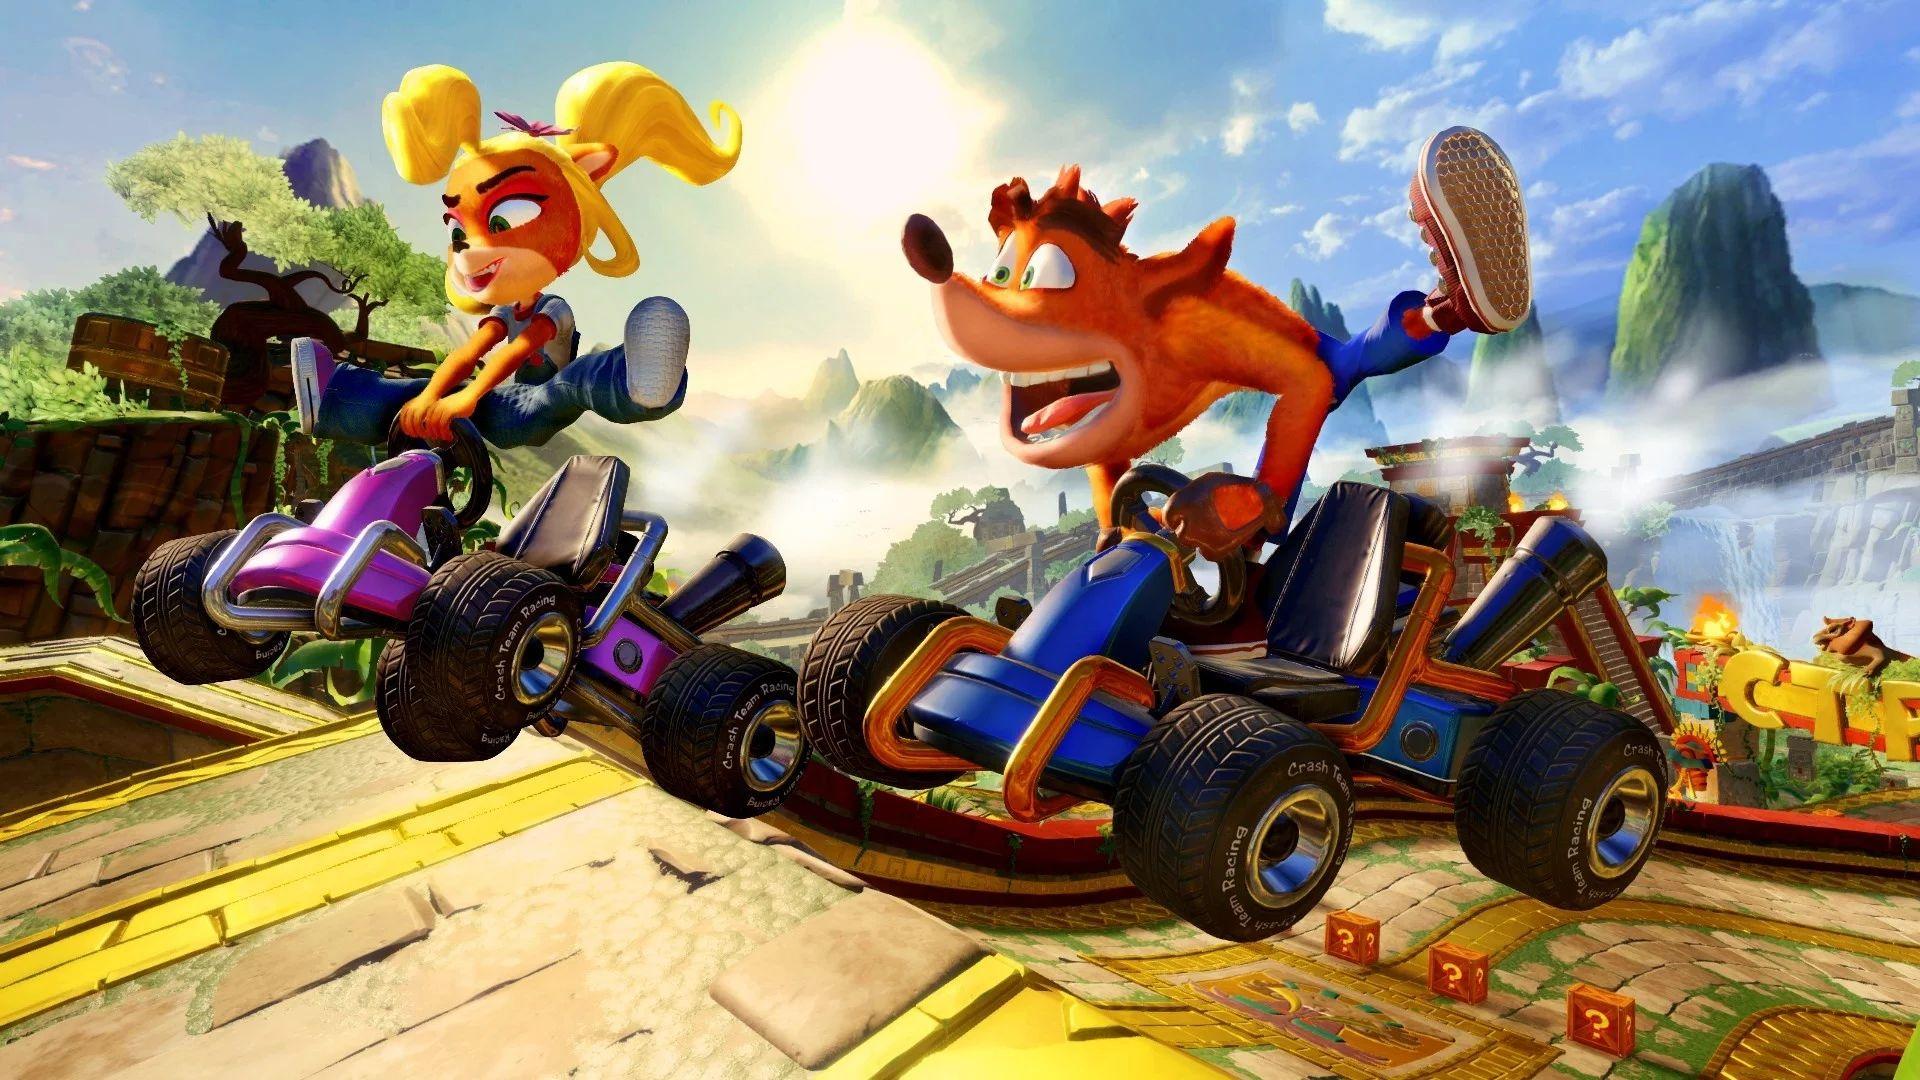 Crash Team Racing Nitro-Fueled – Confira gameplay em novo vídeo divulgado